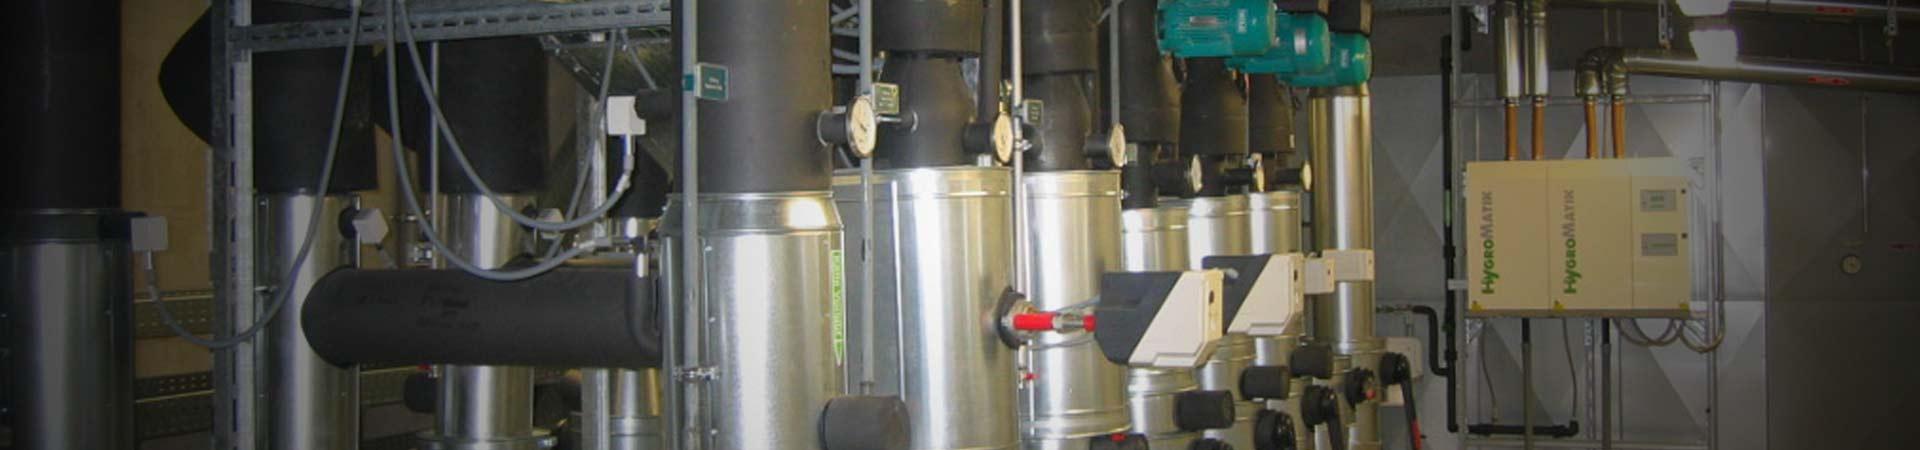 Heizungstechnik: Wärme nach Maß